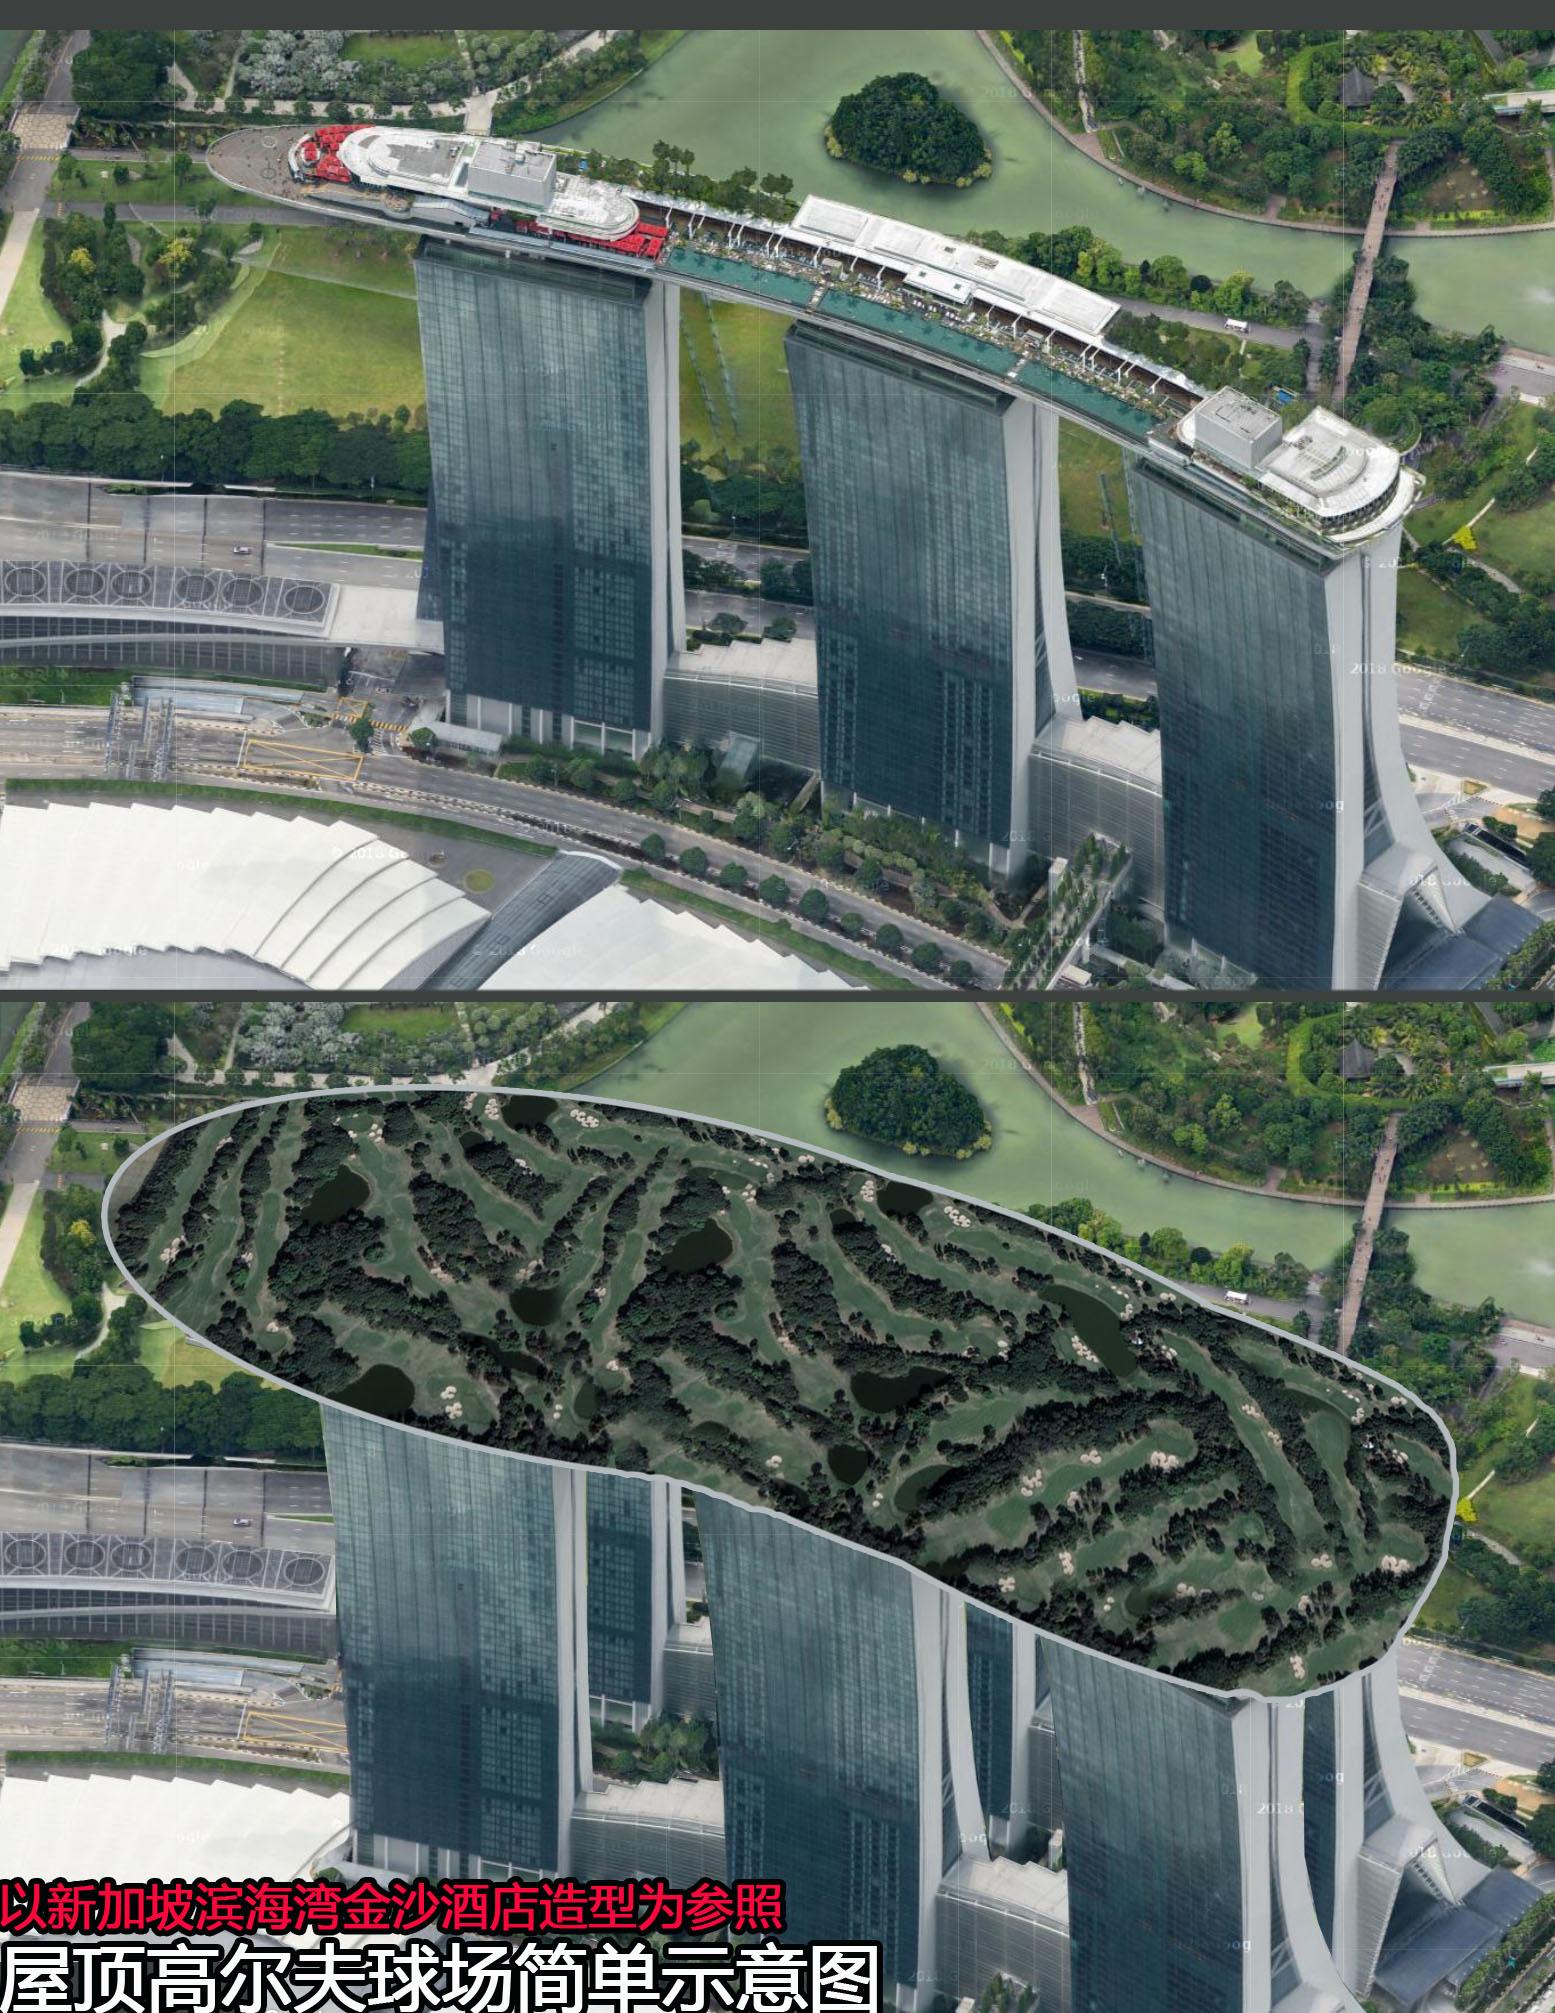 以新加坡滨海湾金沙酒店造型为参照 屋顶高尔夫球场简单示意图.jpg